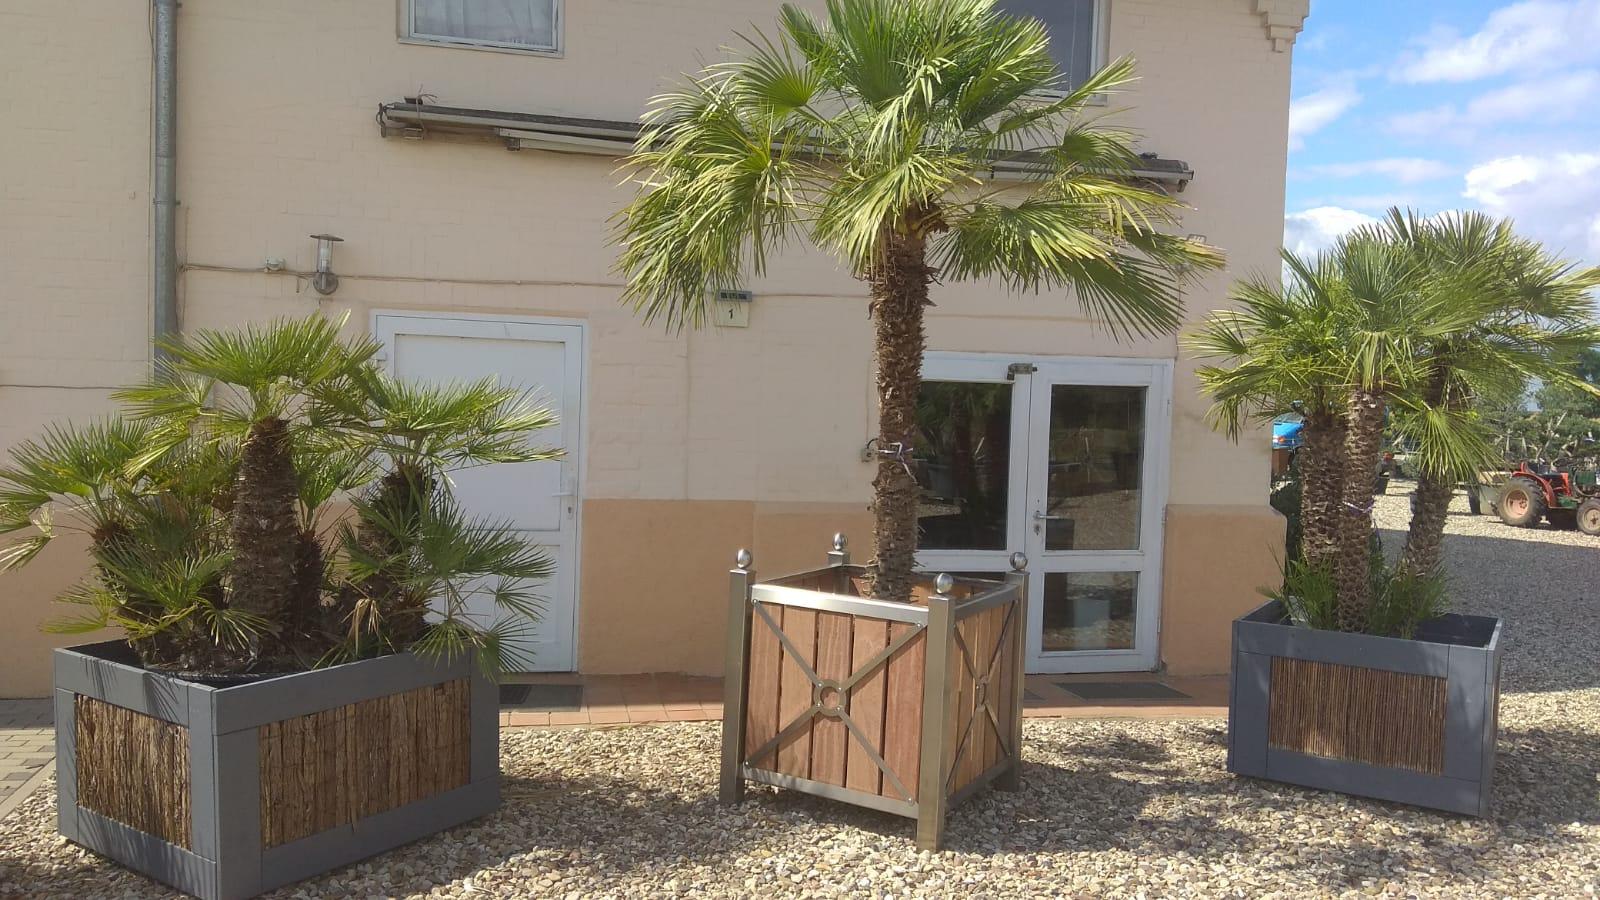 Beheizte Pflanzkubel Fur Palmen Olivenbaume Und Pflanzen